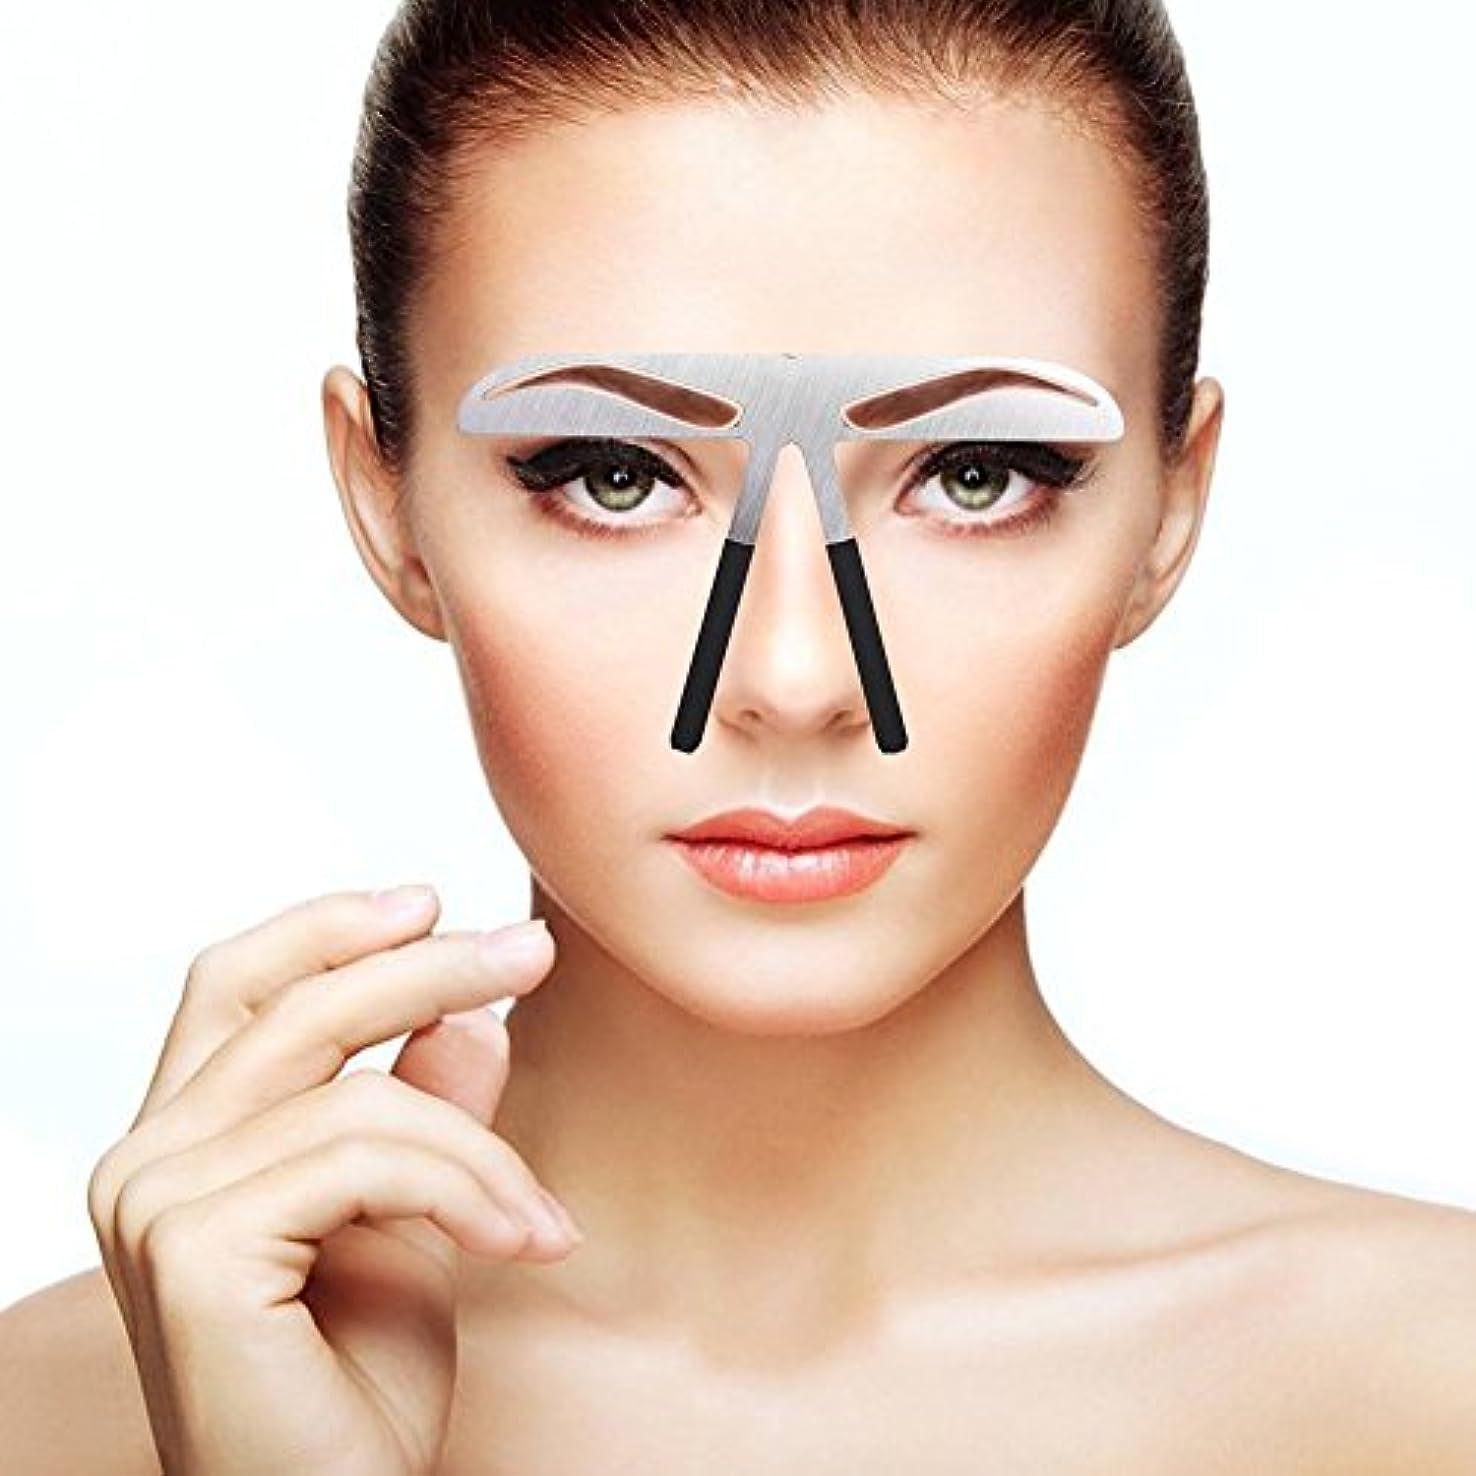 小康枝混乱眉毛テンプレート 眉毛の定規 メイクアップ 美容ツール アイブローテンプレート アートメイク用定規 美容用 恒久化粧ツール 左右対称 位置決め (01)